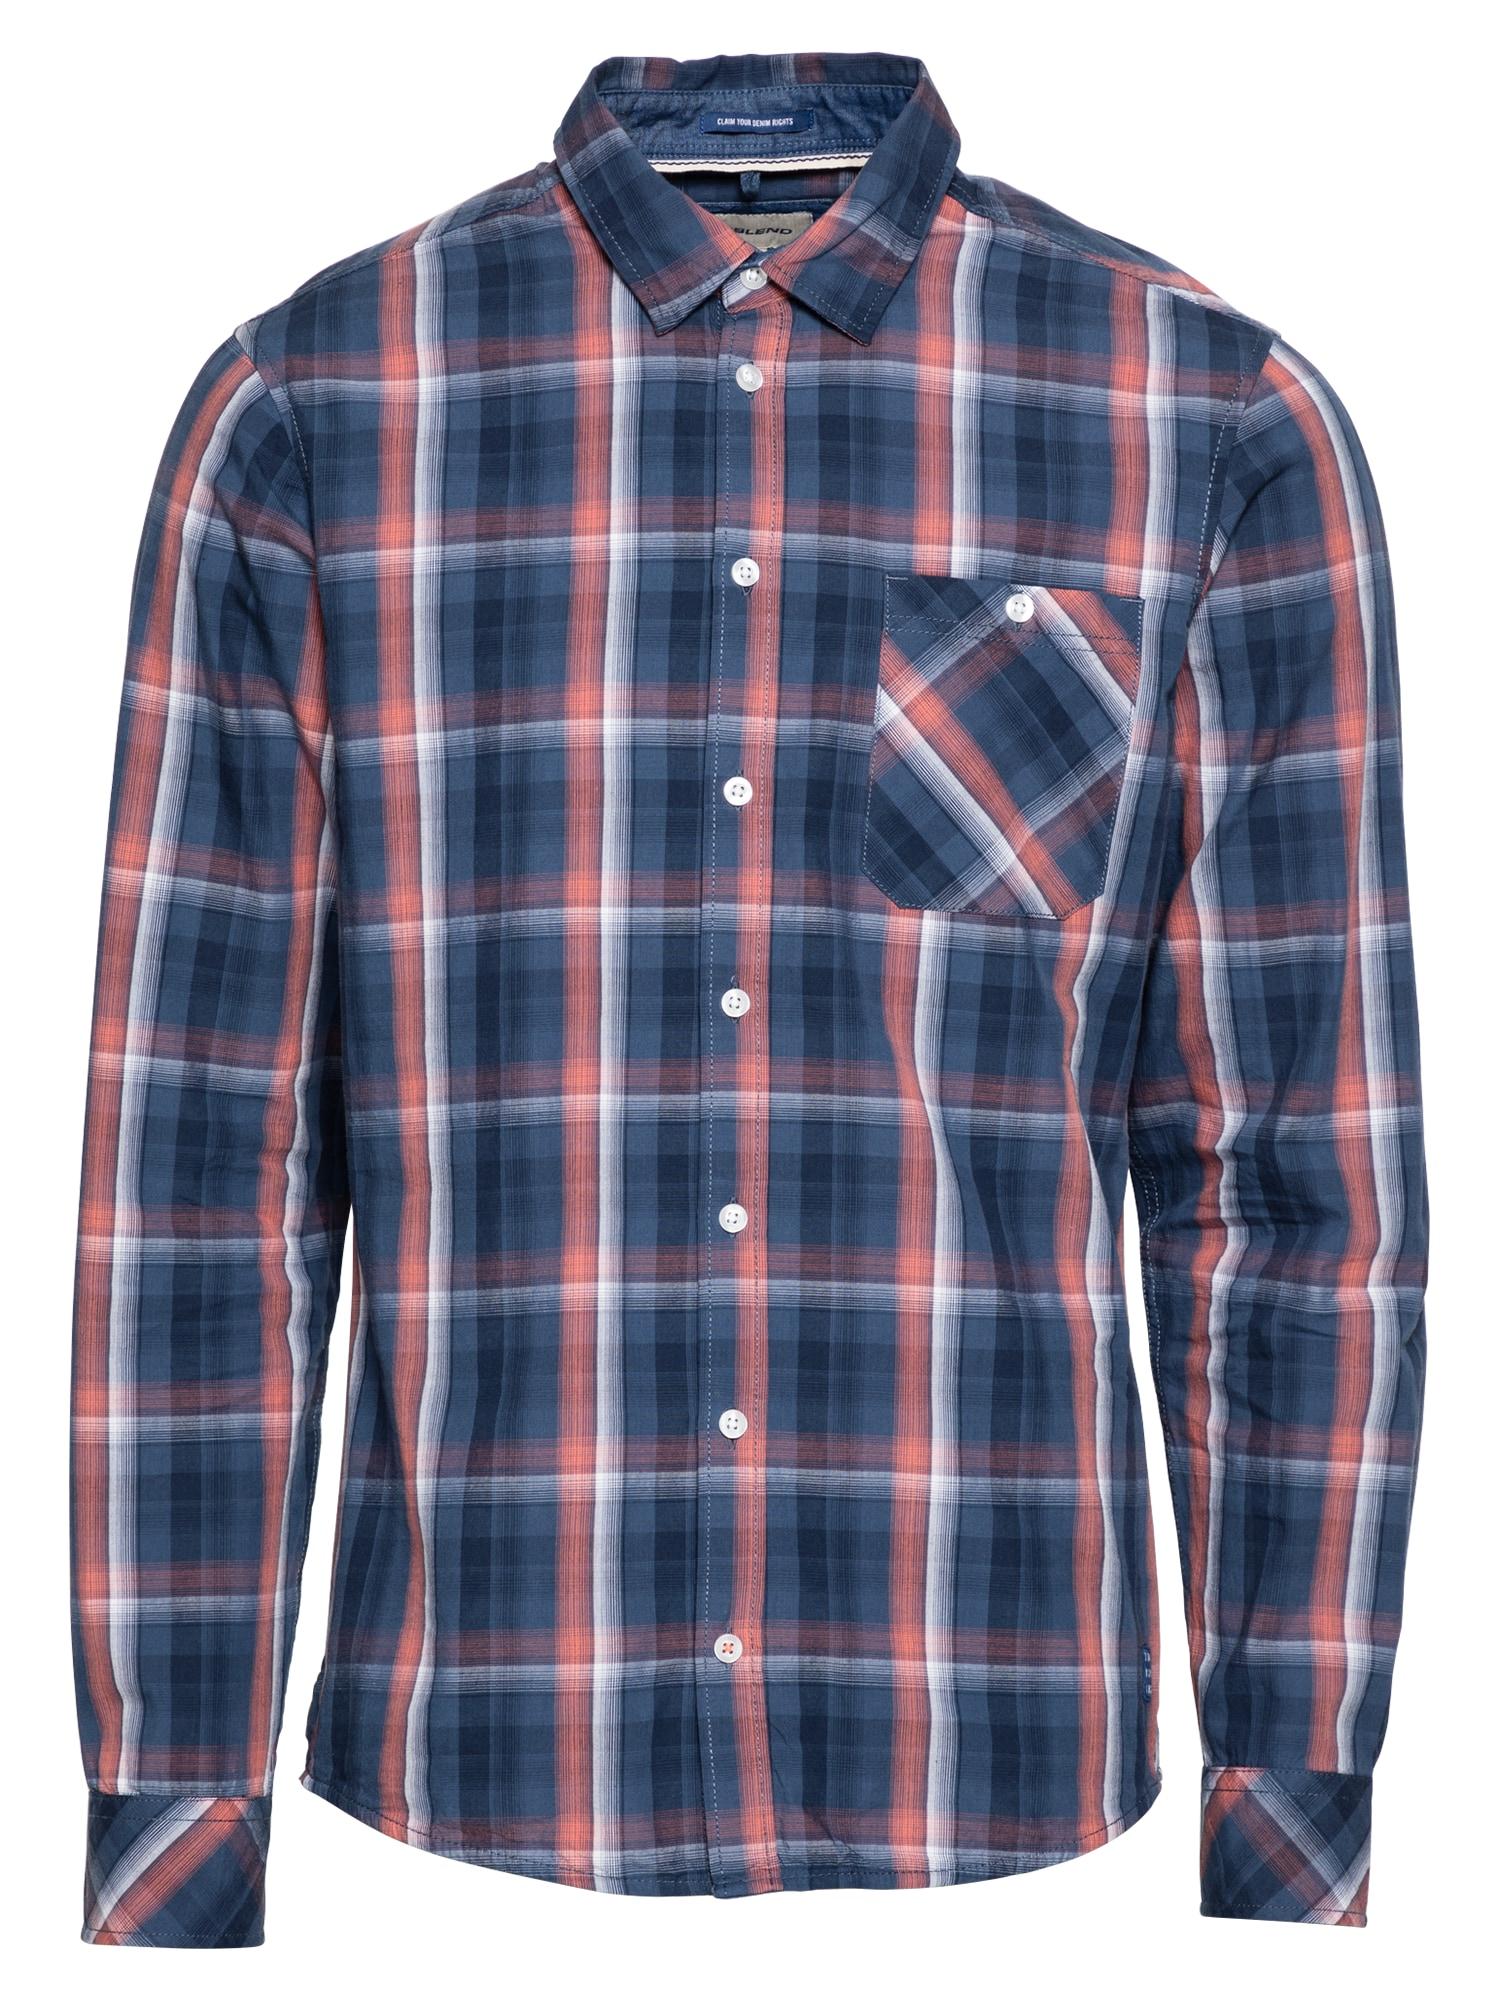 BLEND Marškiniai melsvai pilka / tamsiai mėlyna / balta / lašišų spalva